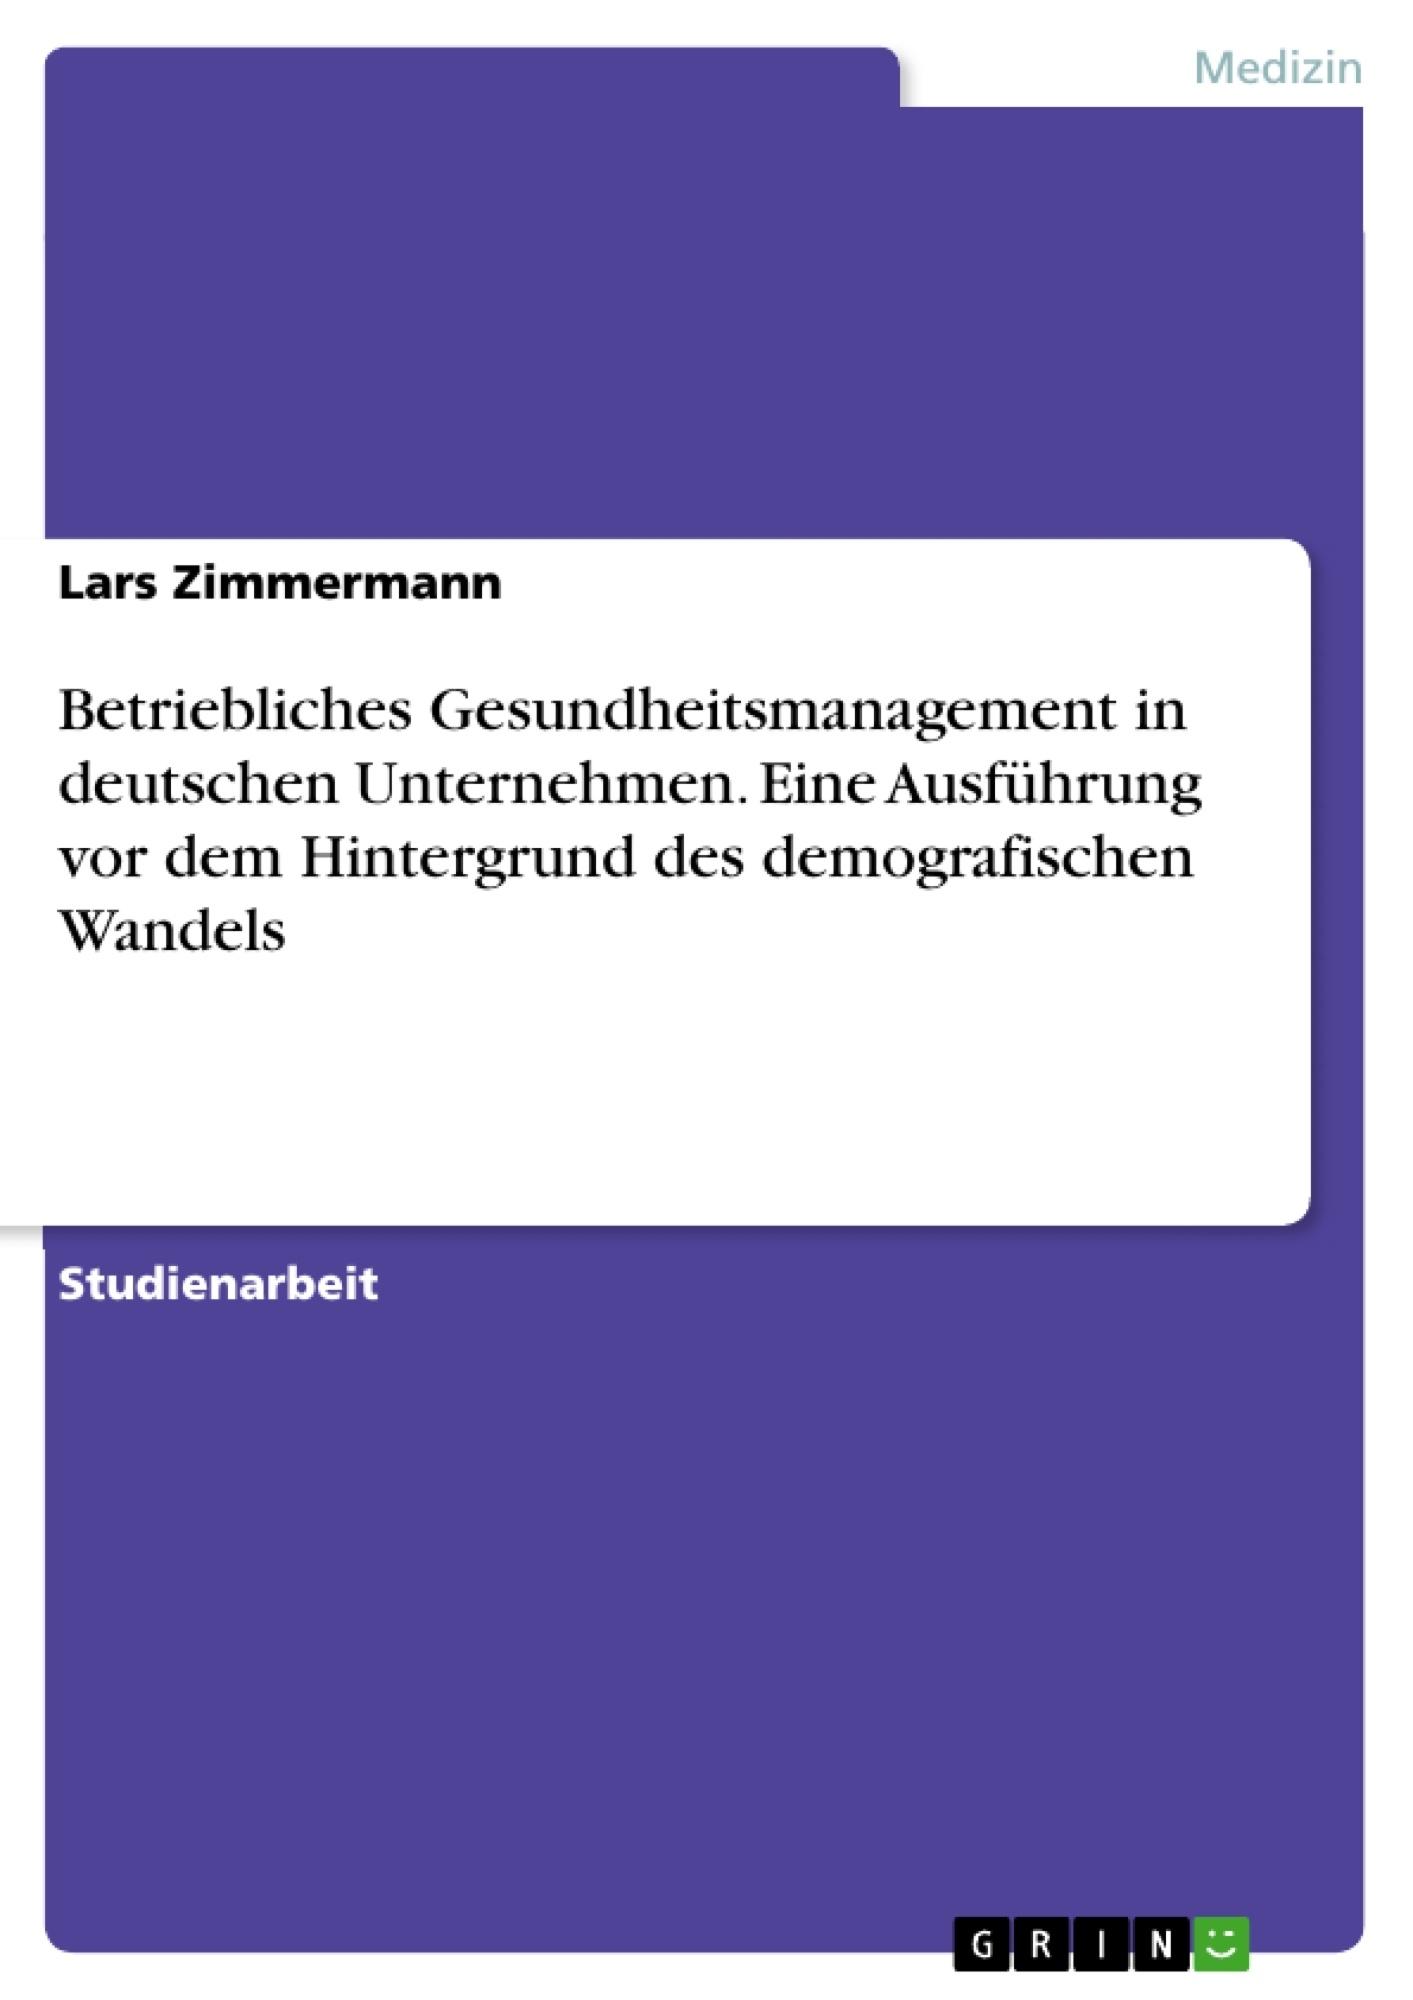 Titel: Betriebliches Gesundheitsmanagement in deutschen Unternehmen. Eine Ausführung vor dem Hintergrund des demografischen Wandels